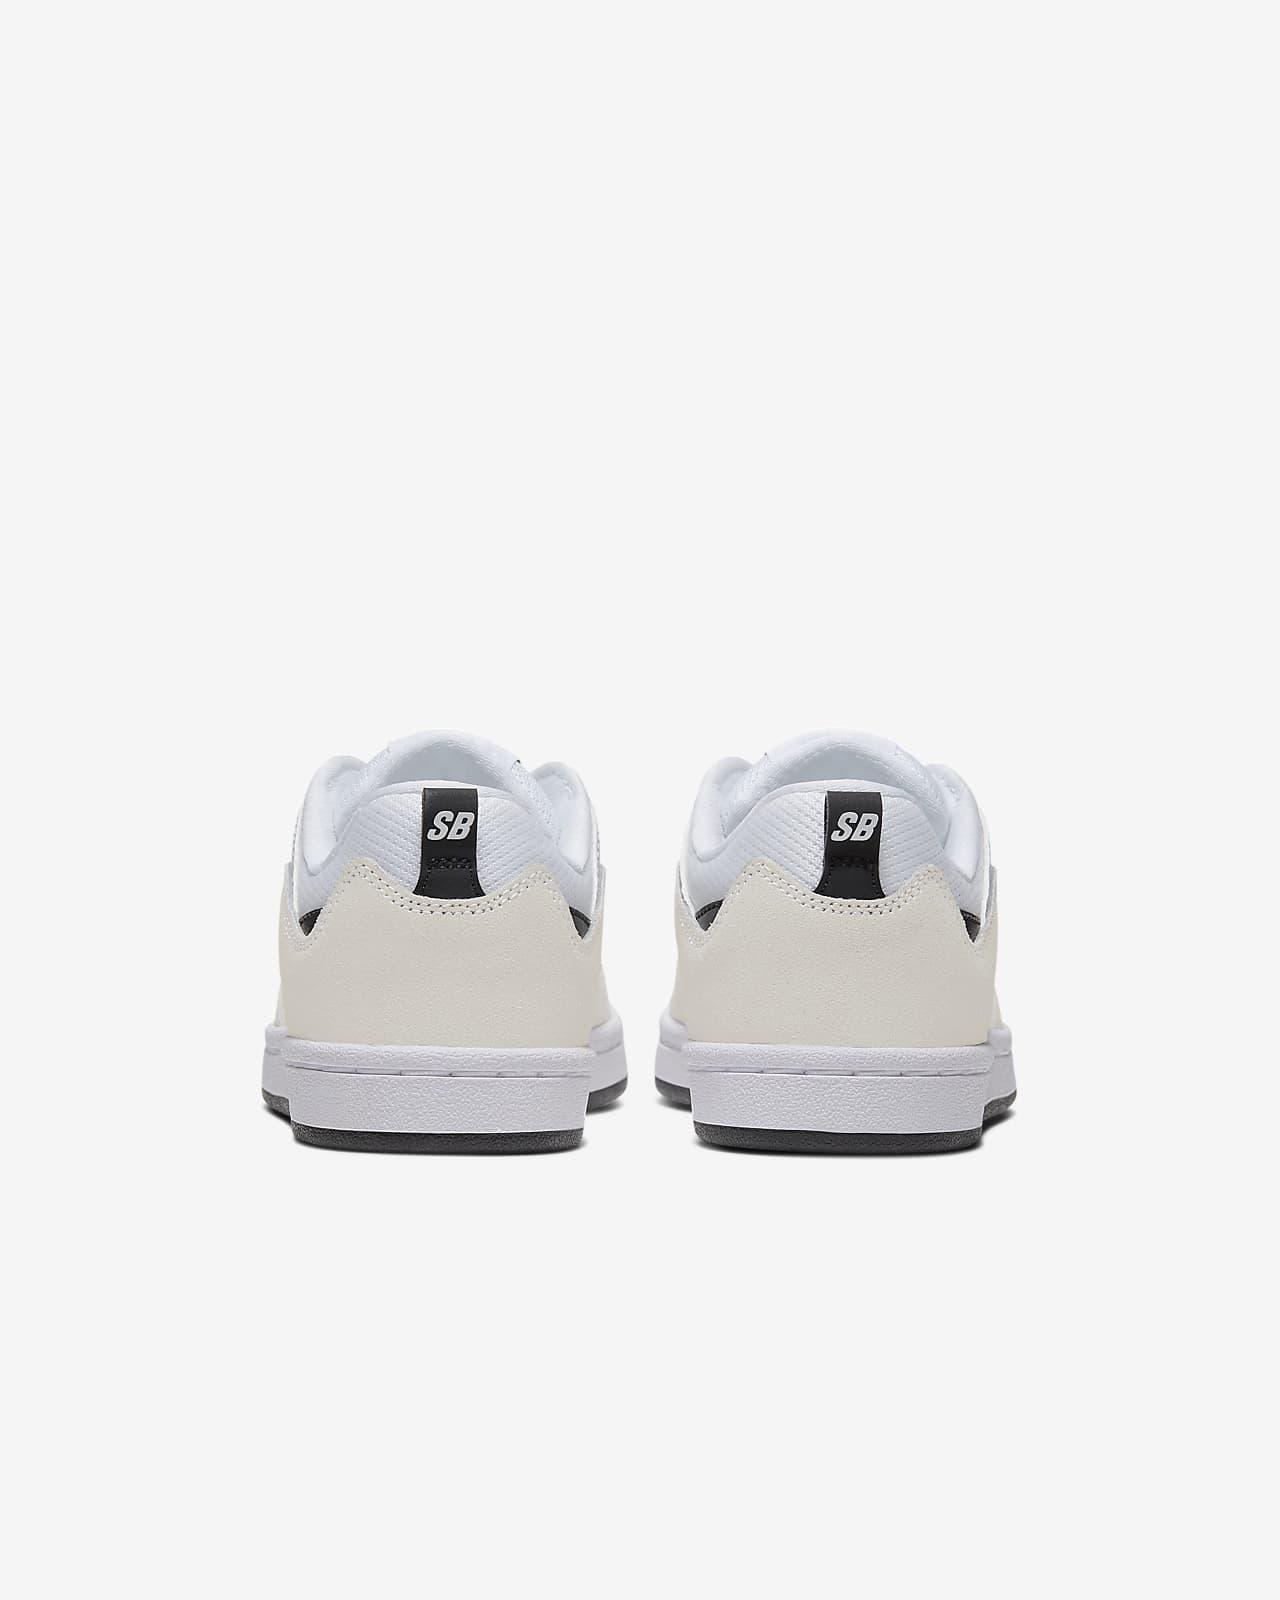 Nike SB Alleyoop Big Kids' Skate Shoes